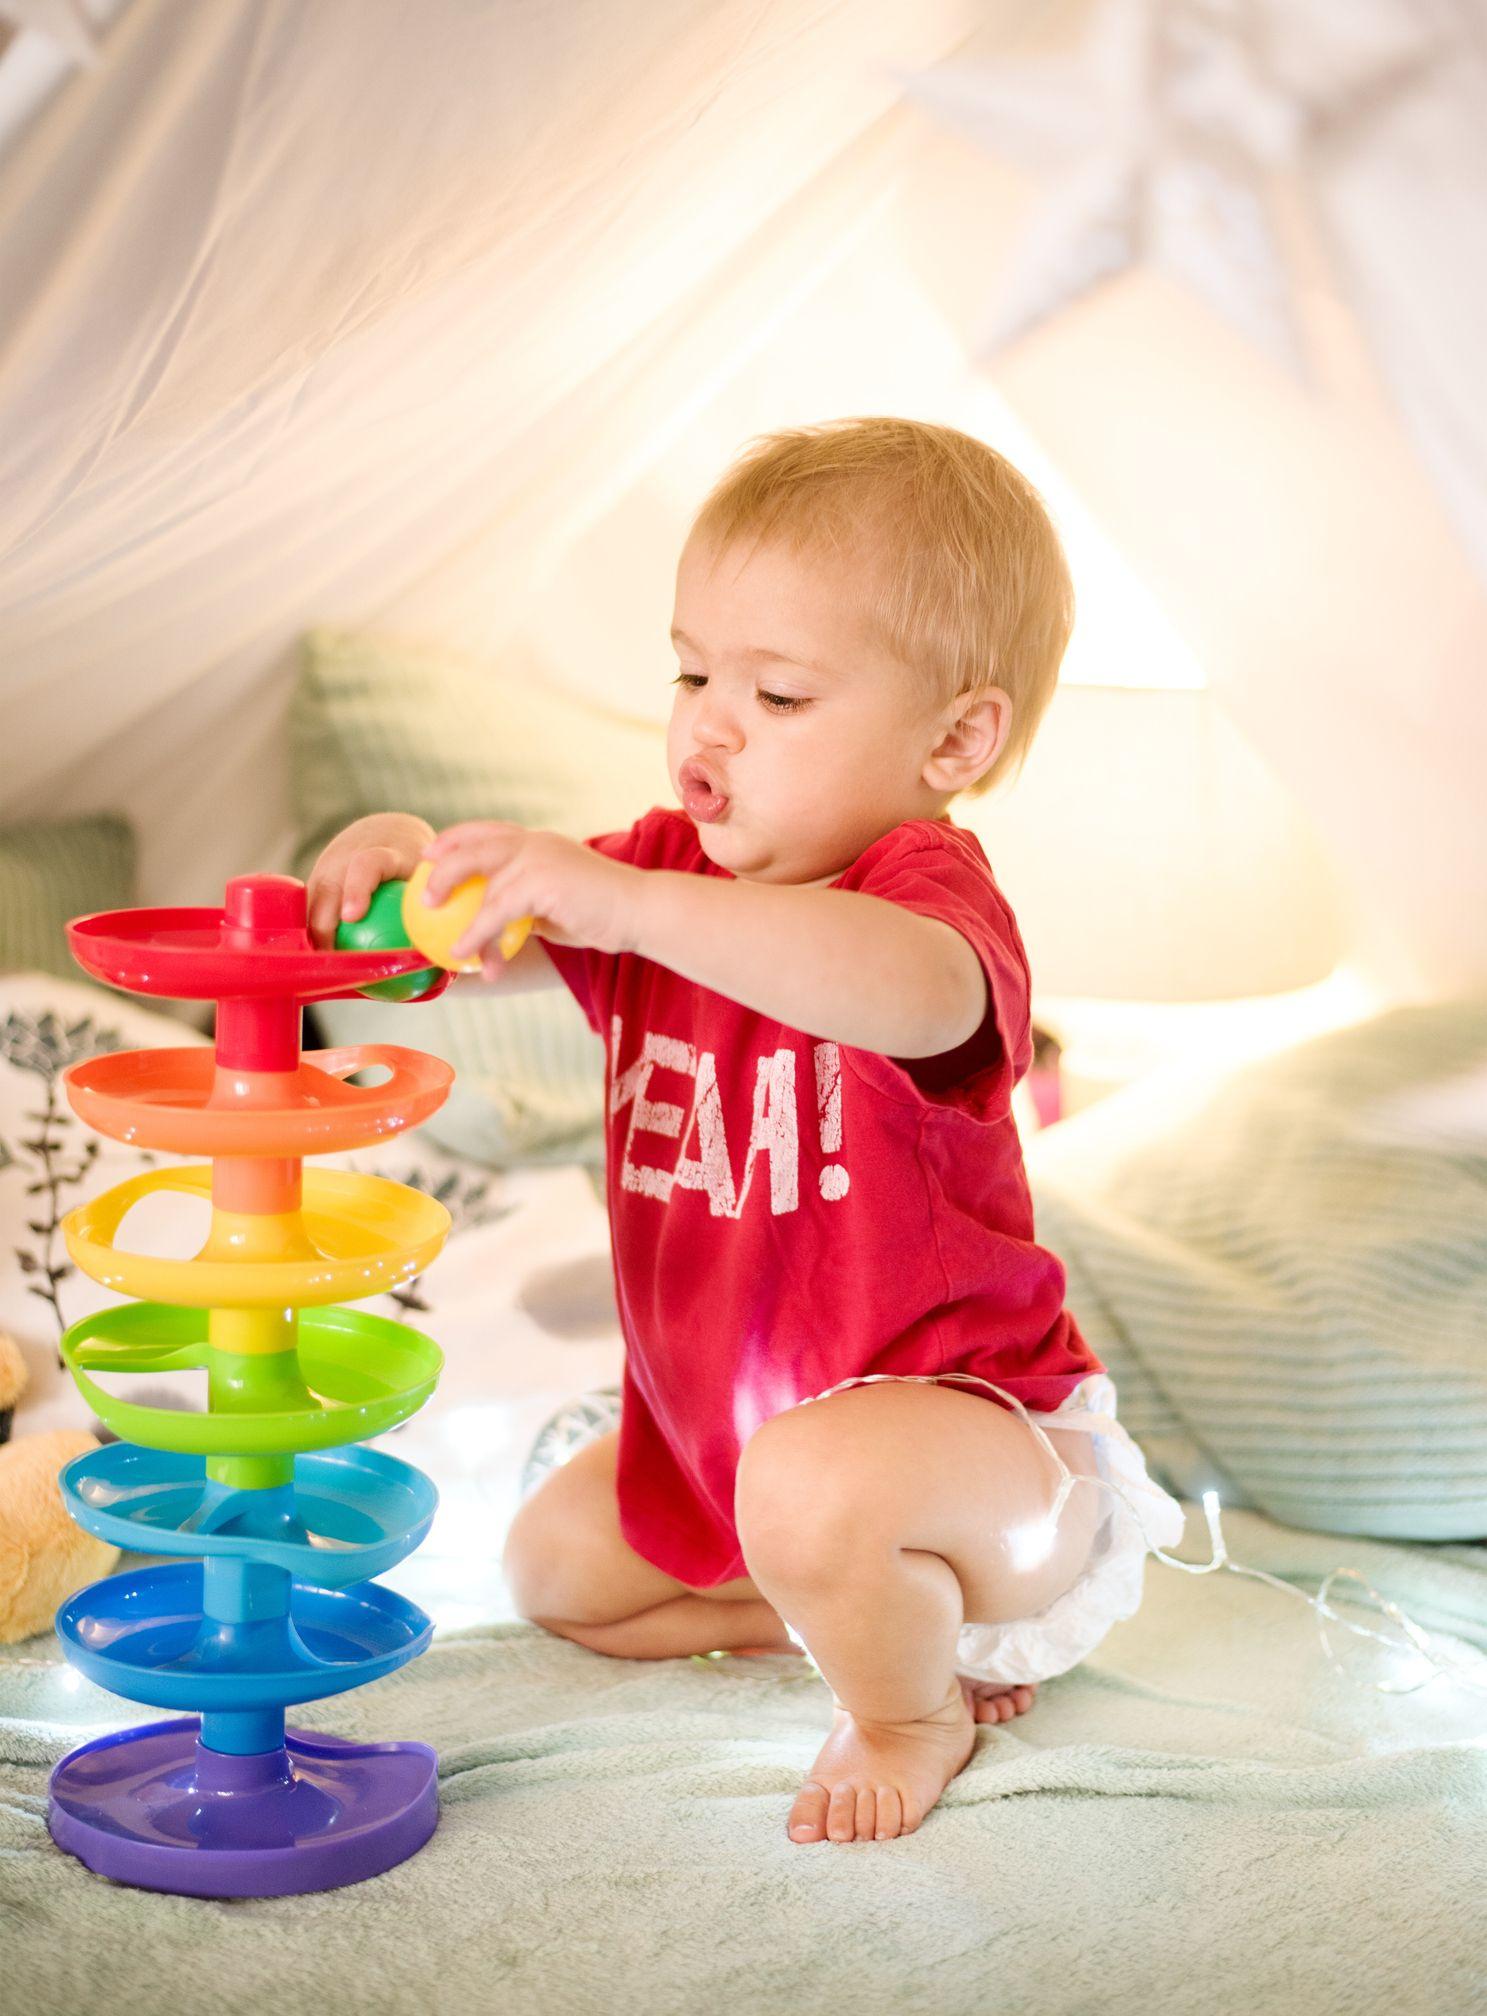 Jouet Bébé De 1 An : Comment Le Choisir ? | Jeux Bébé 1 An encequiconcerne Jeux Pour Les Bébé De 1 Ans